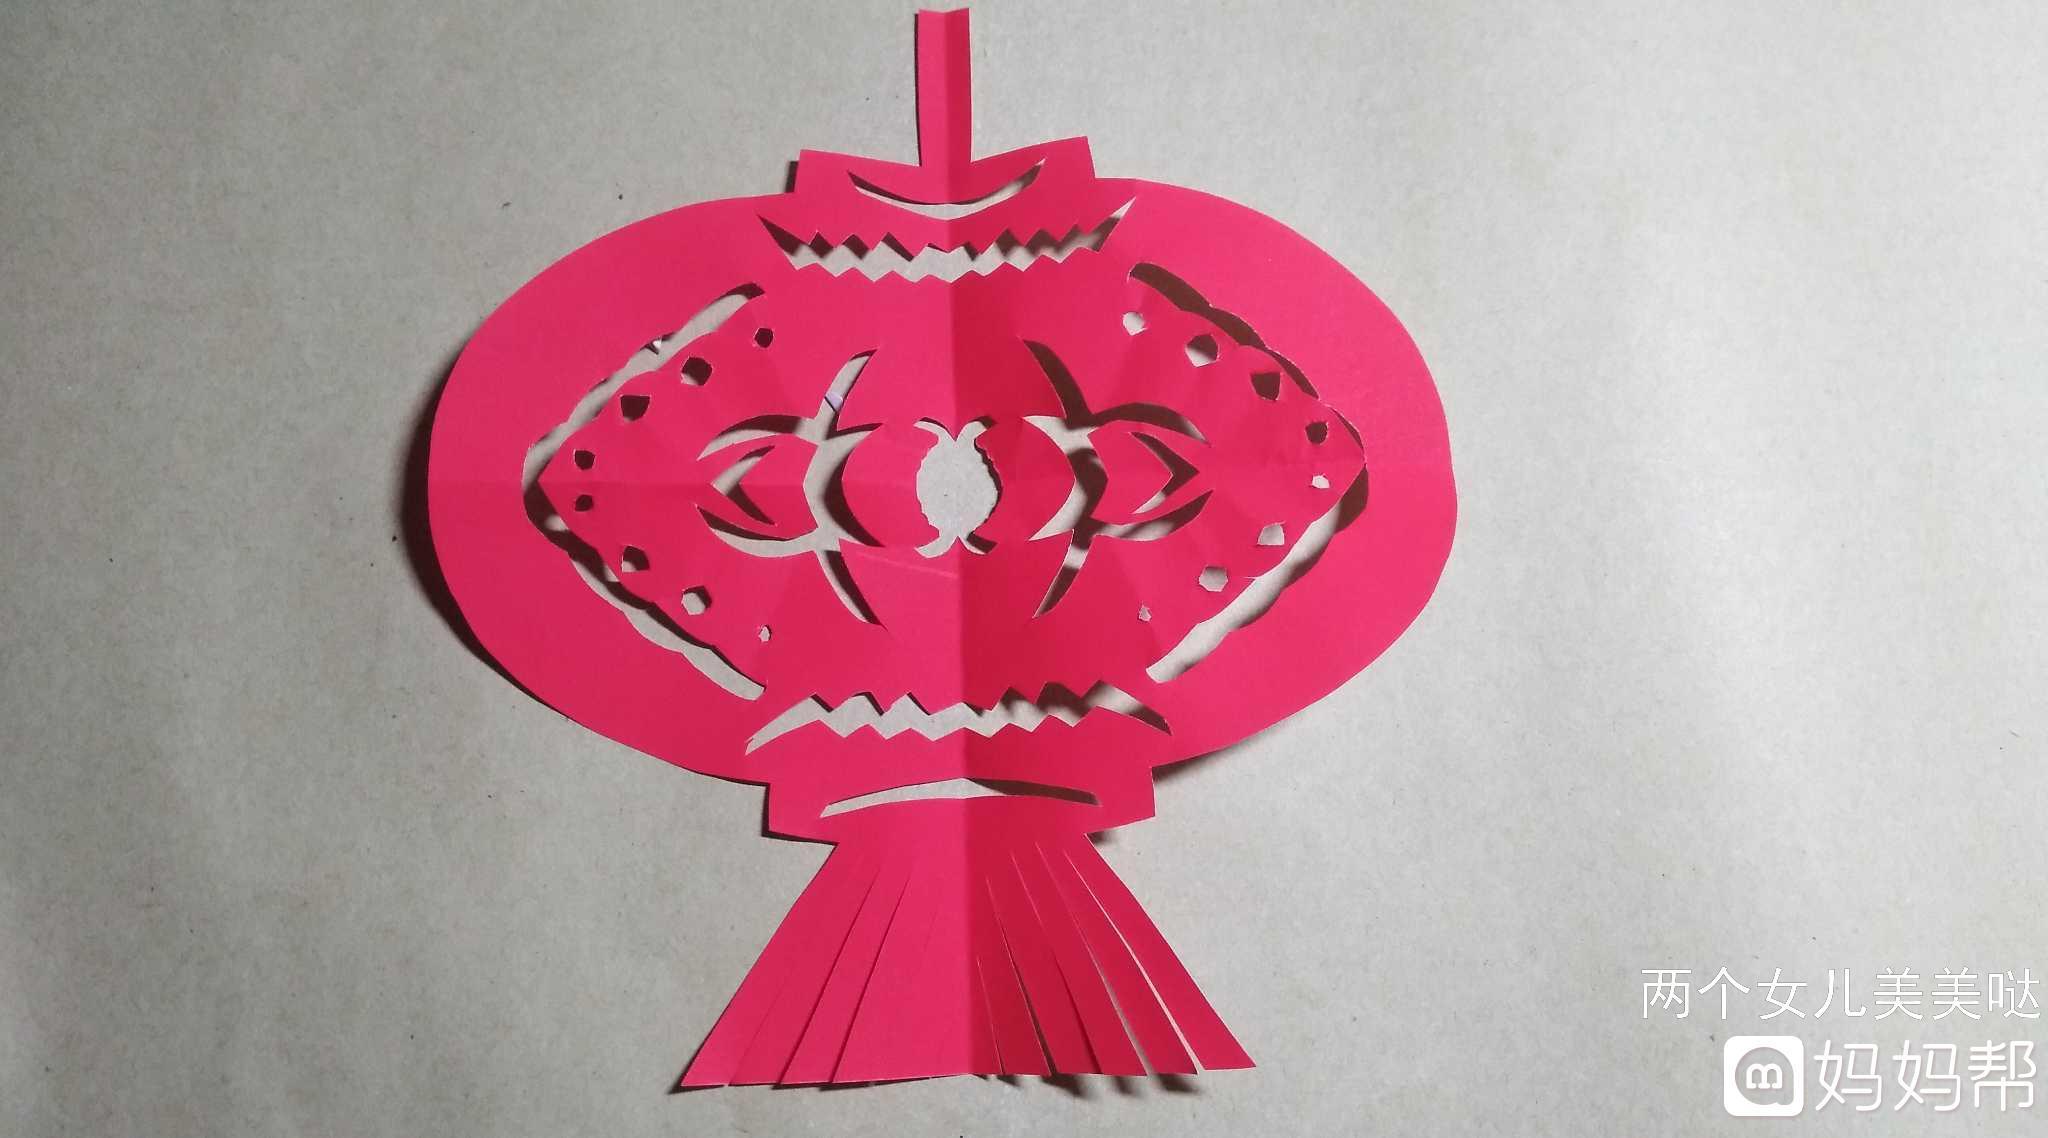 其实灯笼的花纹不限于这种,可以画别的,剪出来都很好看的.